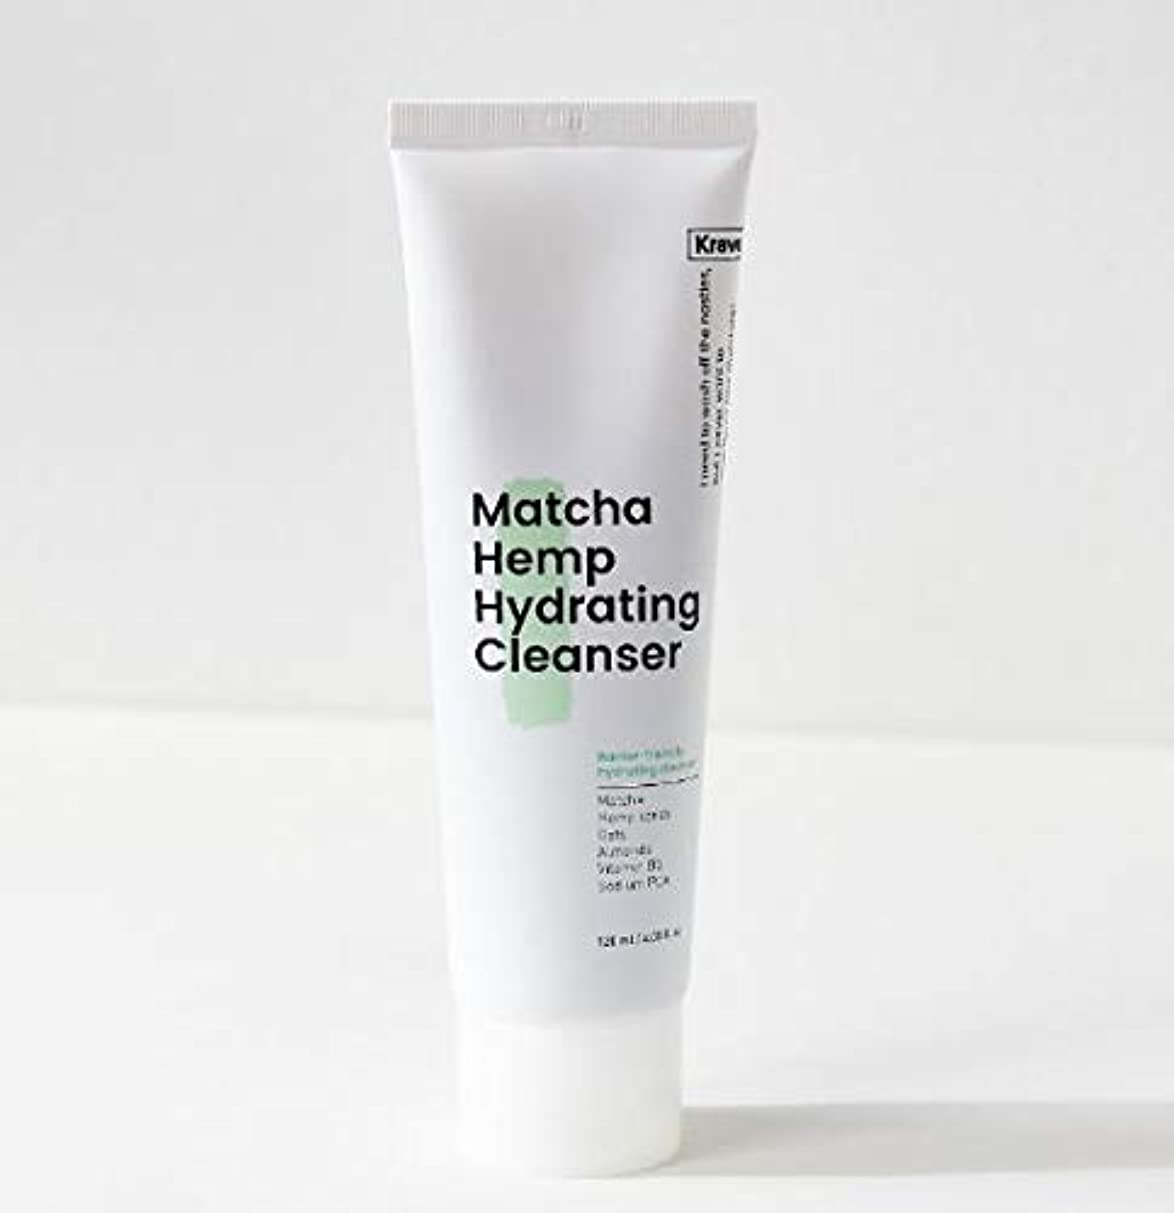 側溝ロシア家畜[Krave] Matcha Hemp Hydrating Cleanser 120ml / 抹茶ハイドレイティングクレンザー120ml [並行輸入品]